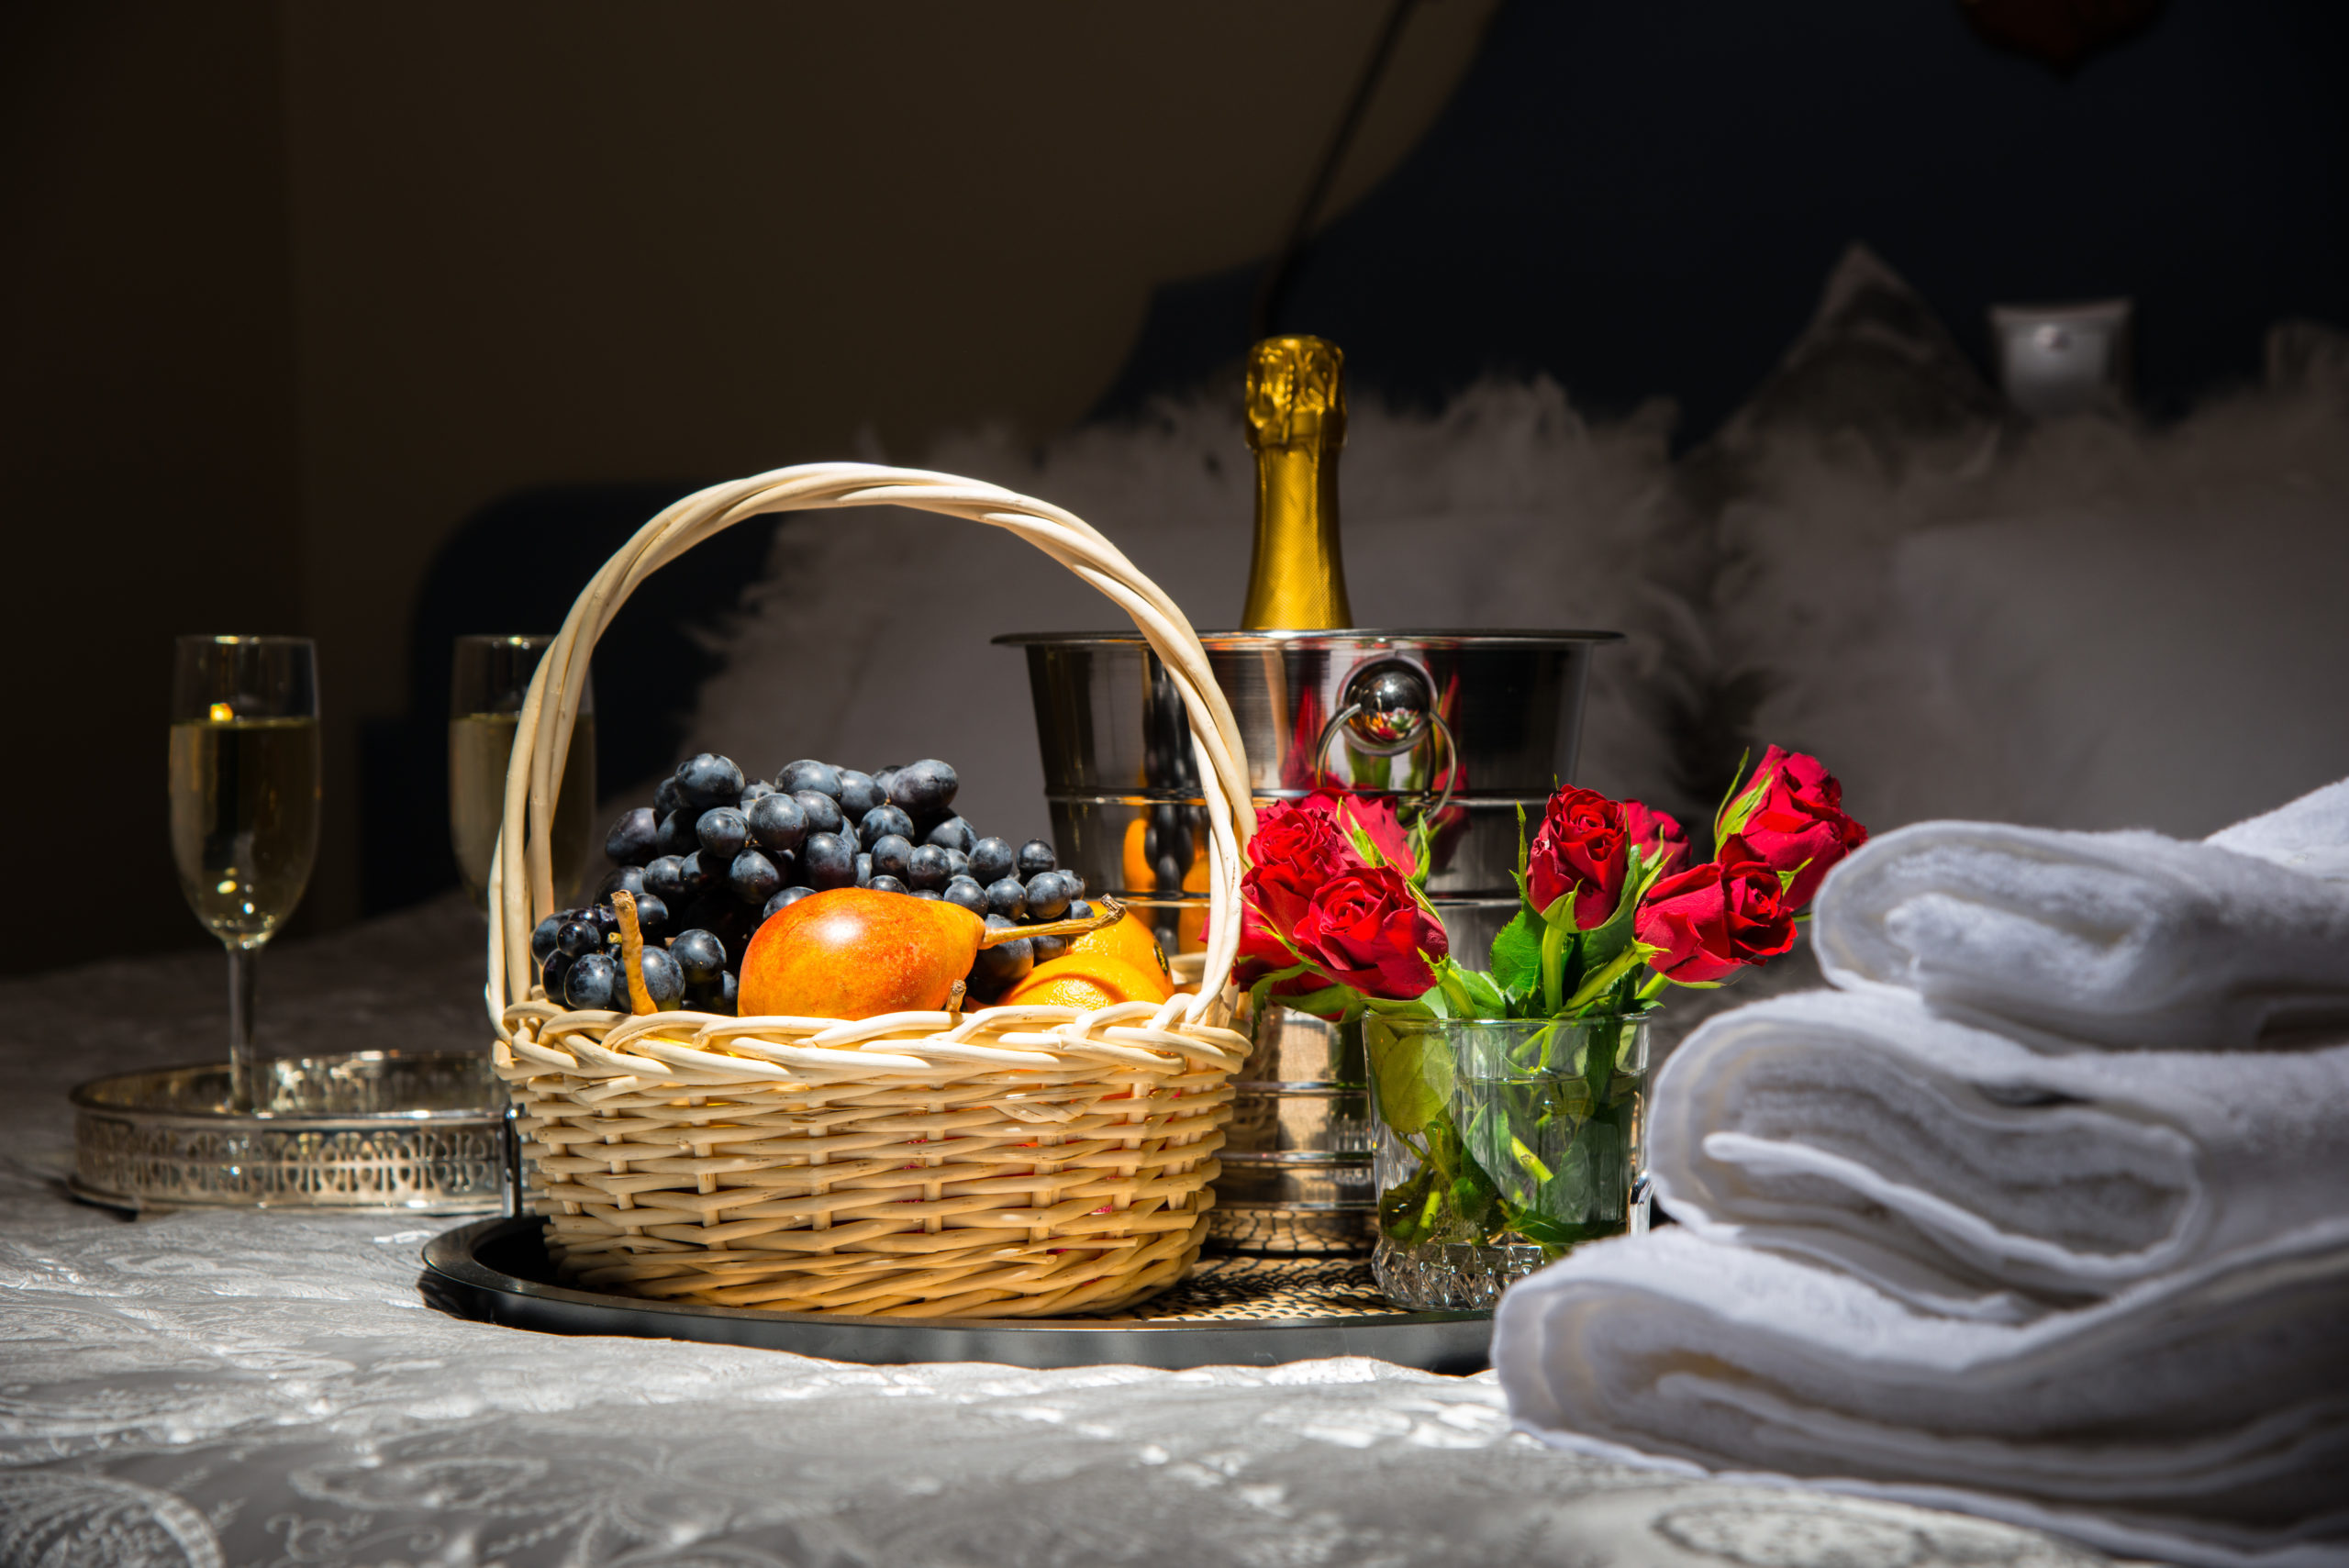 Sunrise fruit and wine